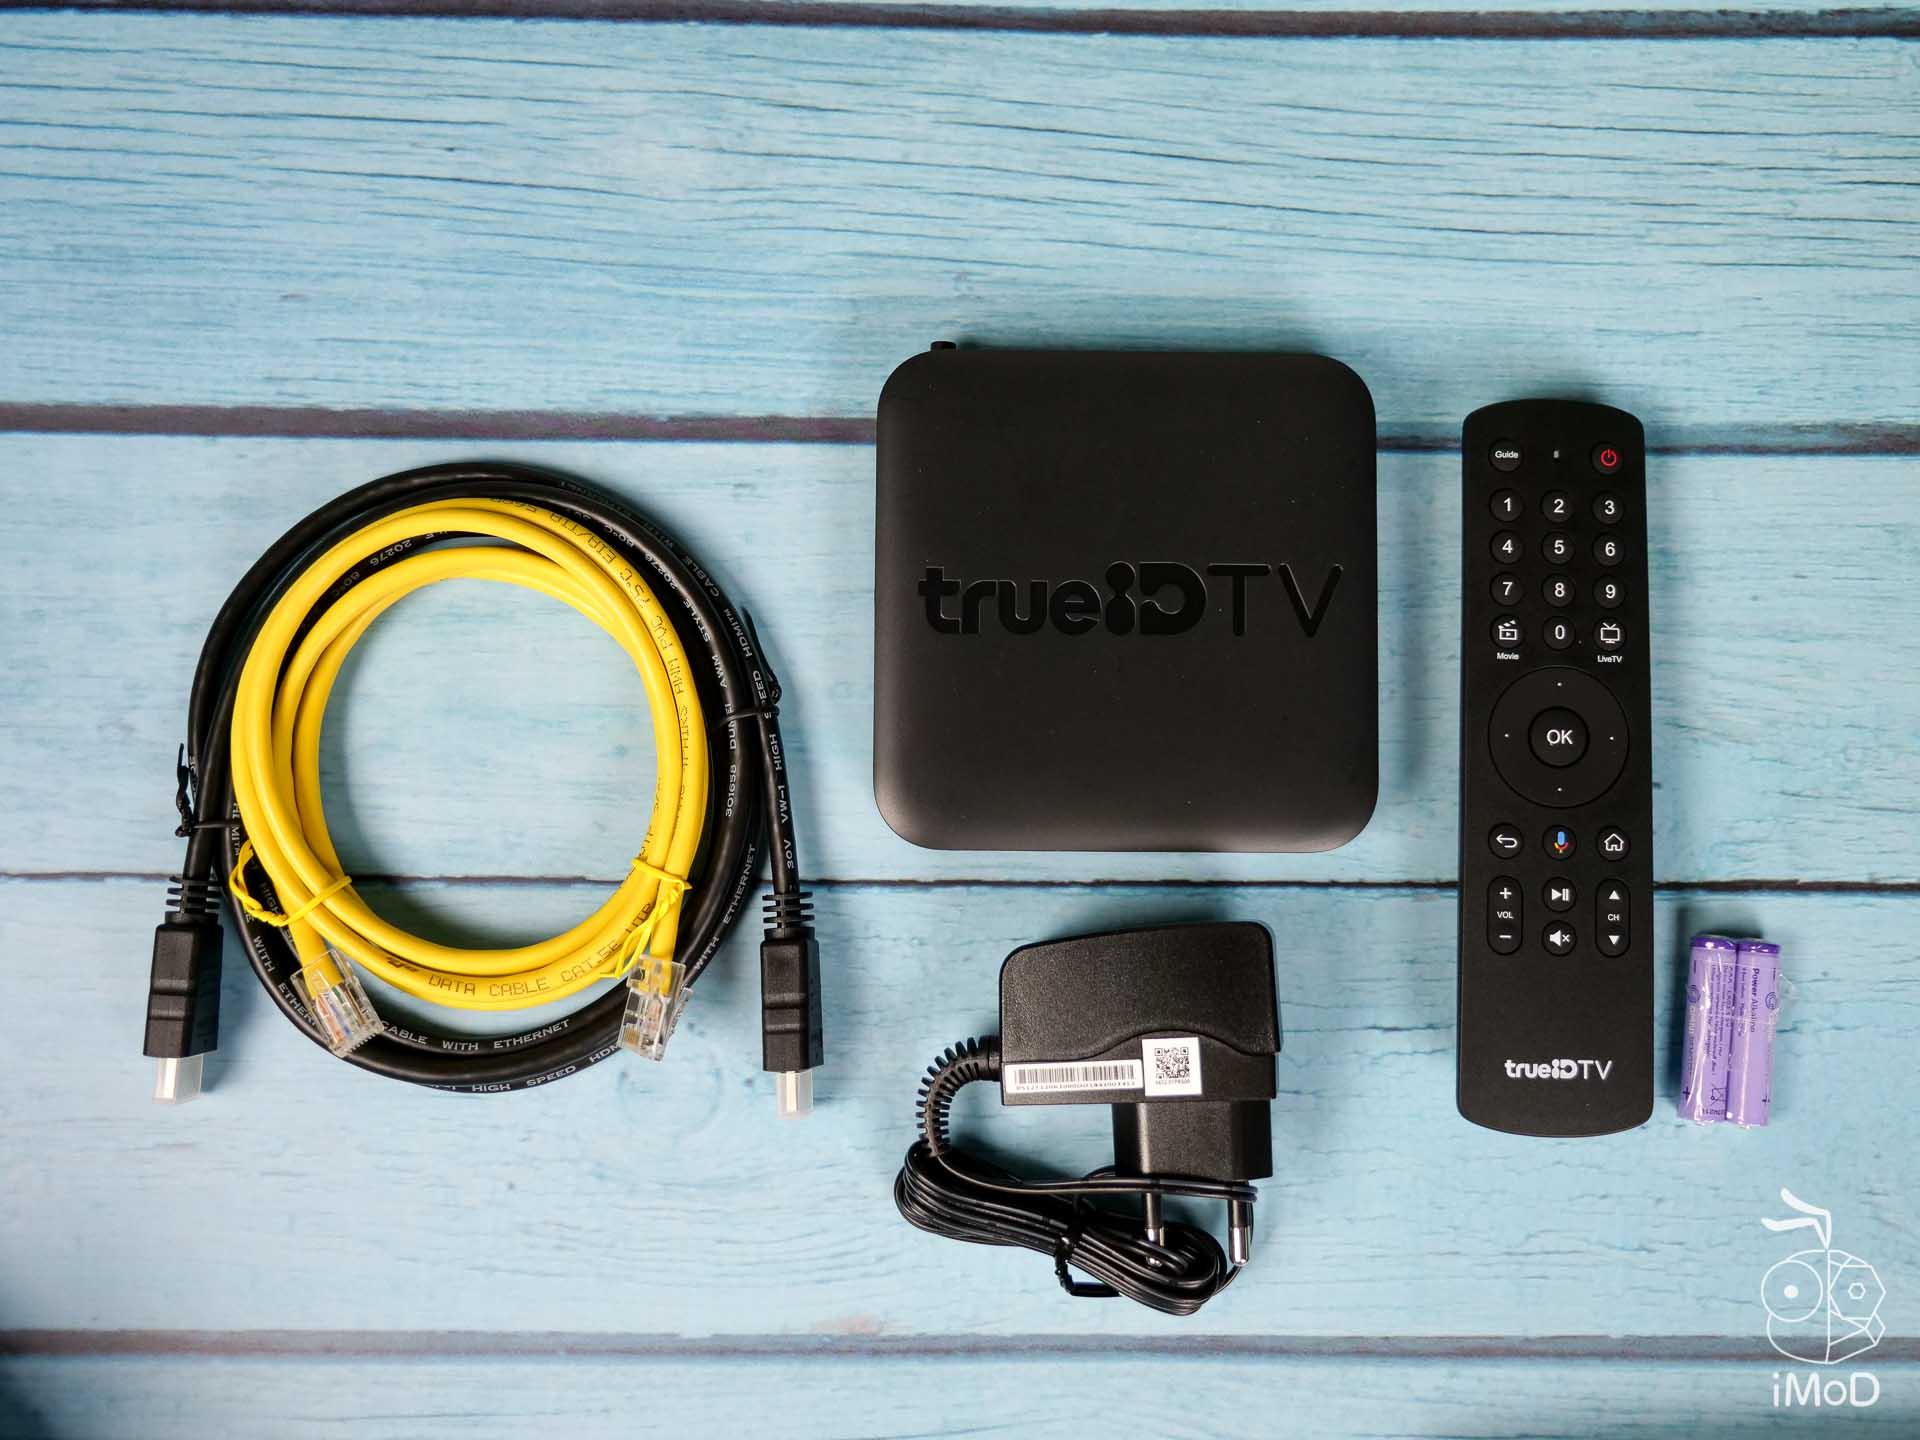 รีวิวกล่อง trueID TV รุ่นที่ 2 ใหม่ กล่อง Android TV ดู